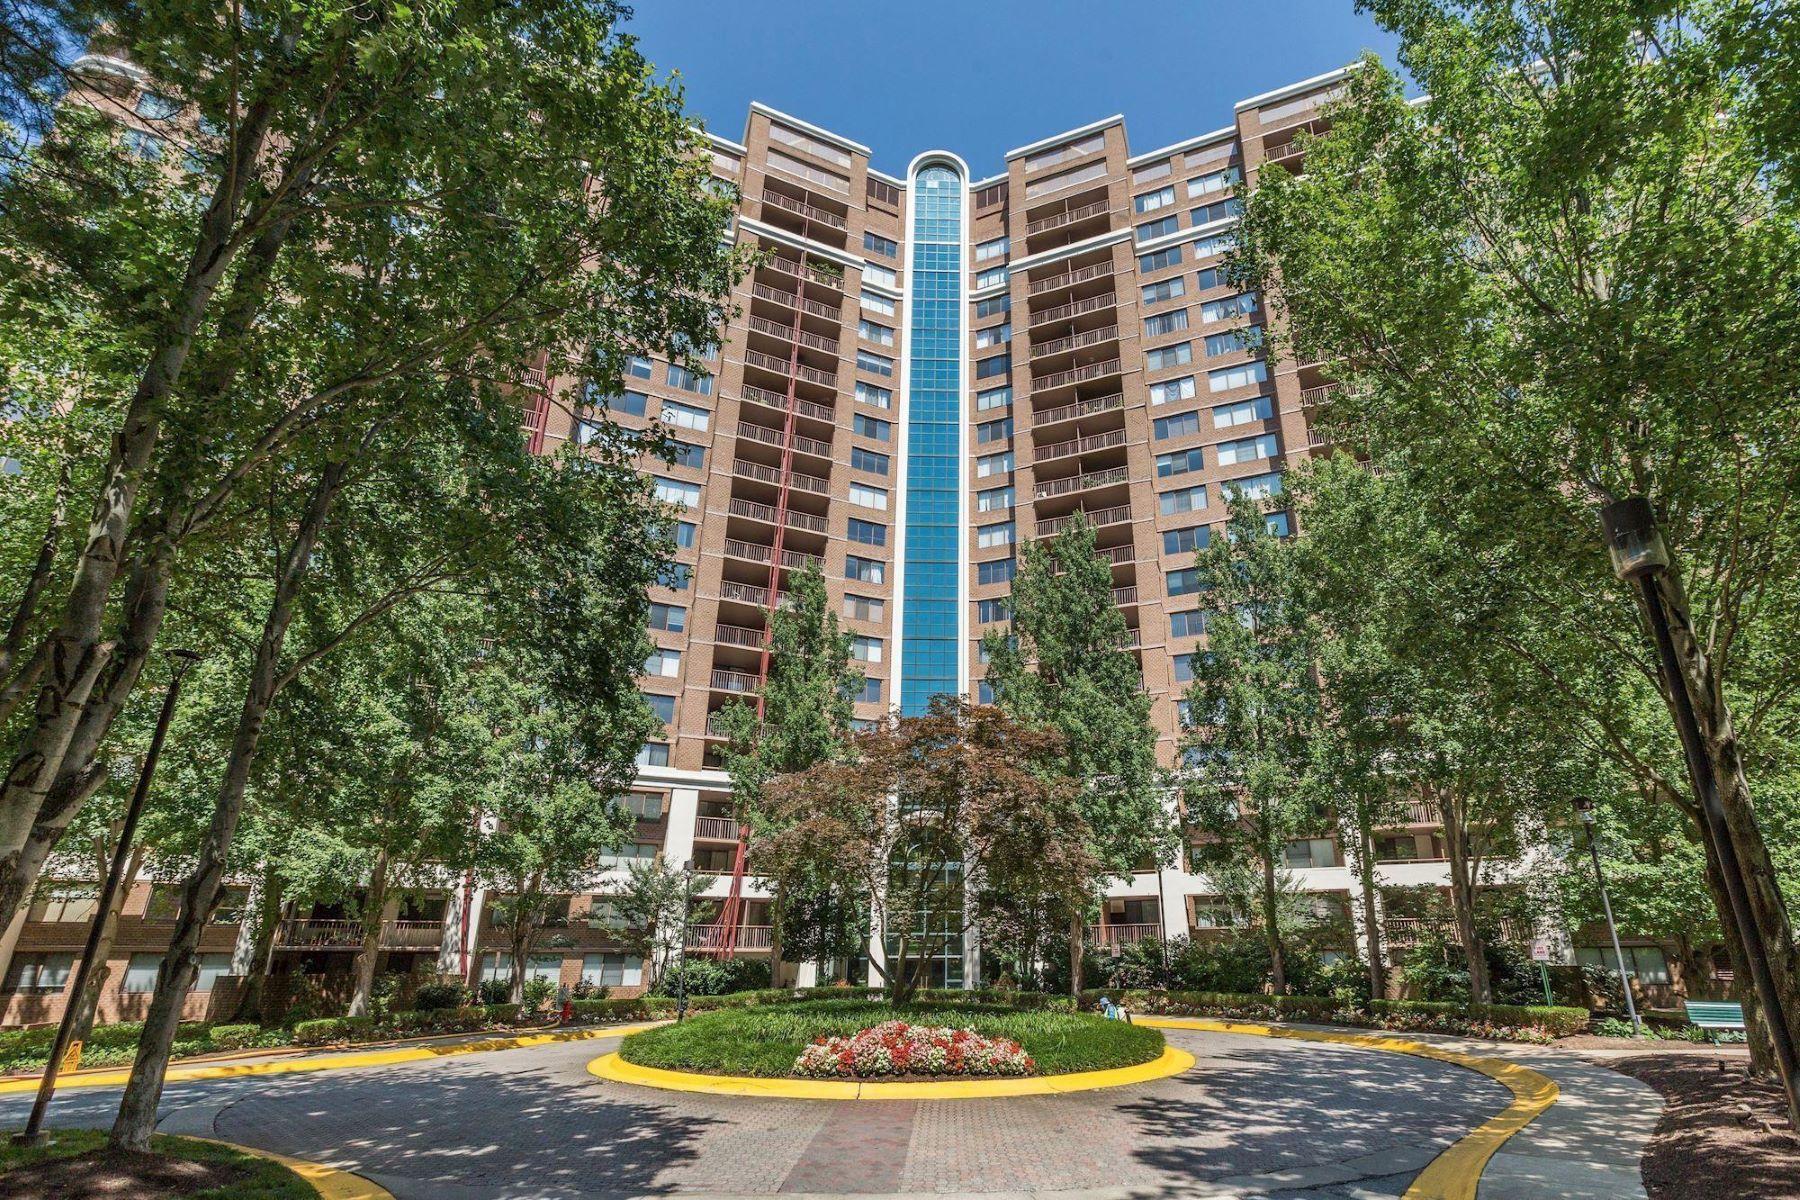 Condominiums 为 销售 在 10101 Grosvenor Pl #1710 北贝塞斯达, 马里兰州 20852 美国